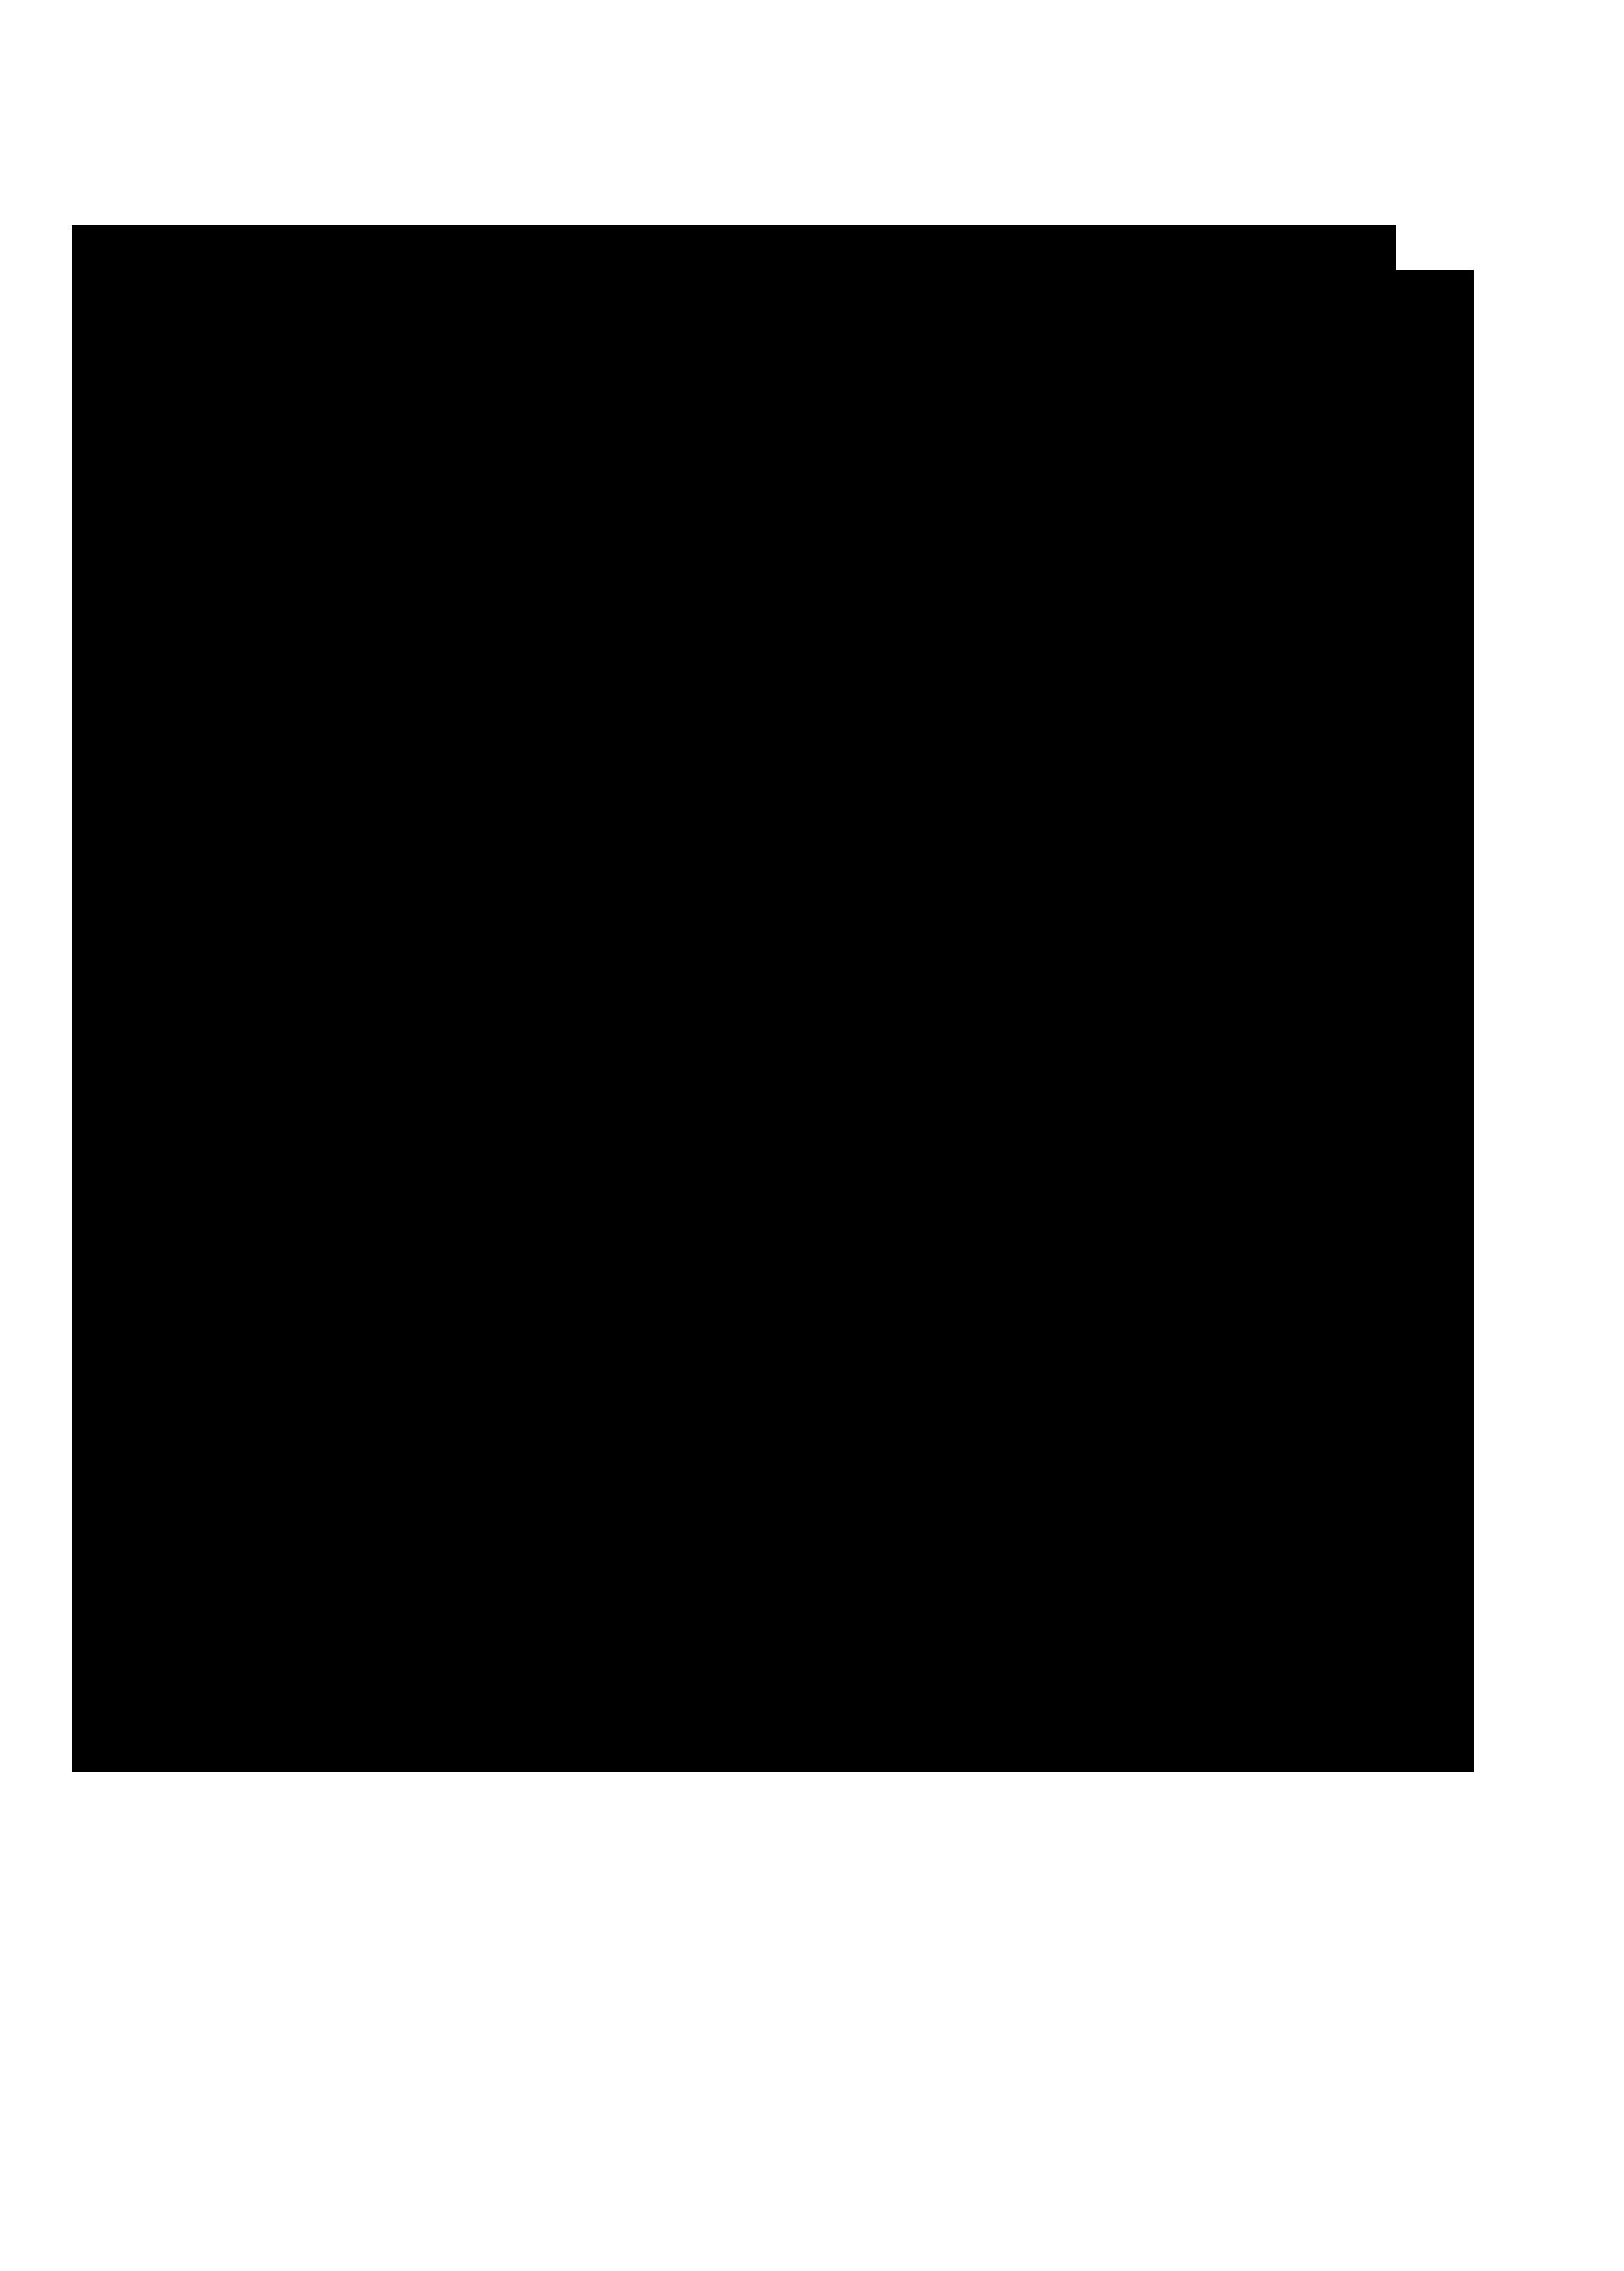 Speisekarte-Baustelle-2019-2